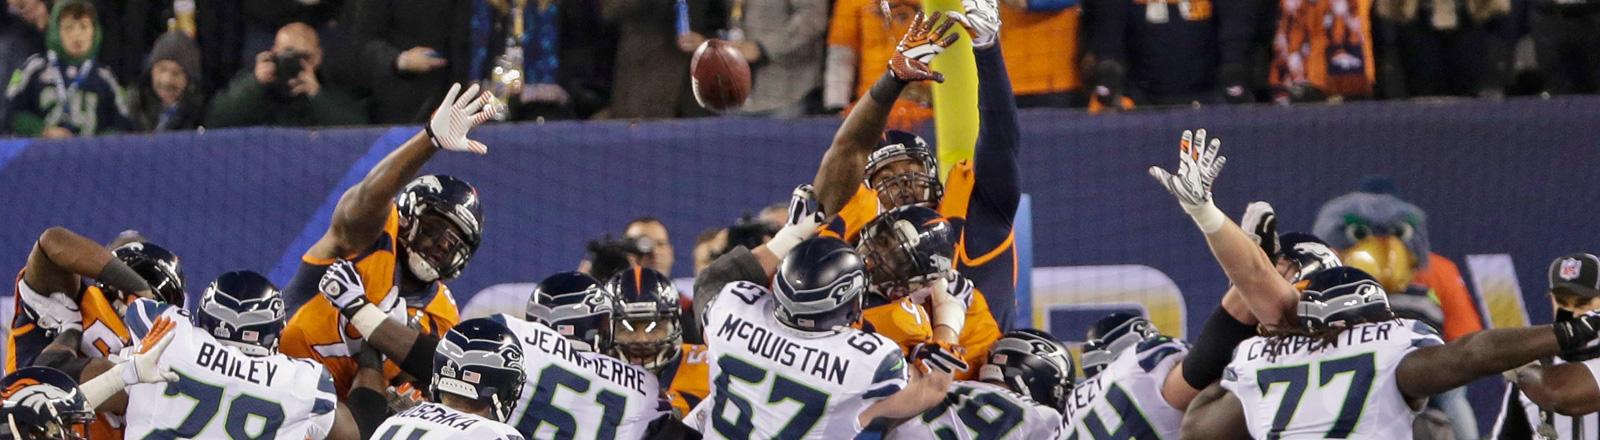 Szene des Super Bowls 2014. Ein Haufen American Football-Spieler kämpfen um den ellipsenförmigen Ball; Bild: dpa